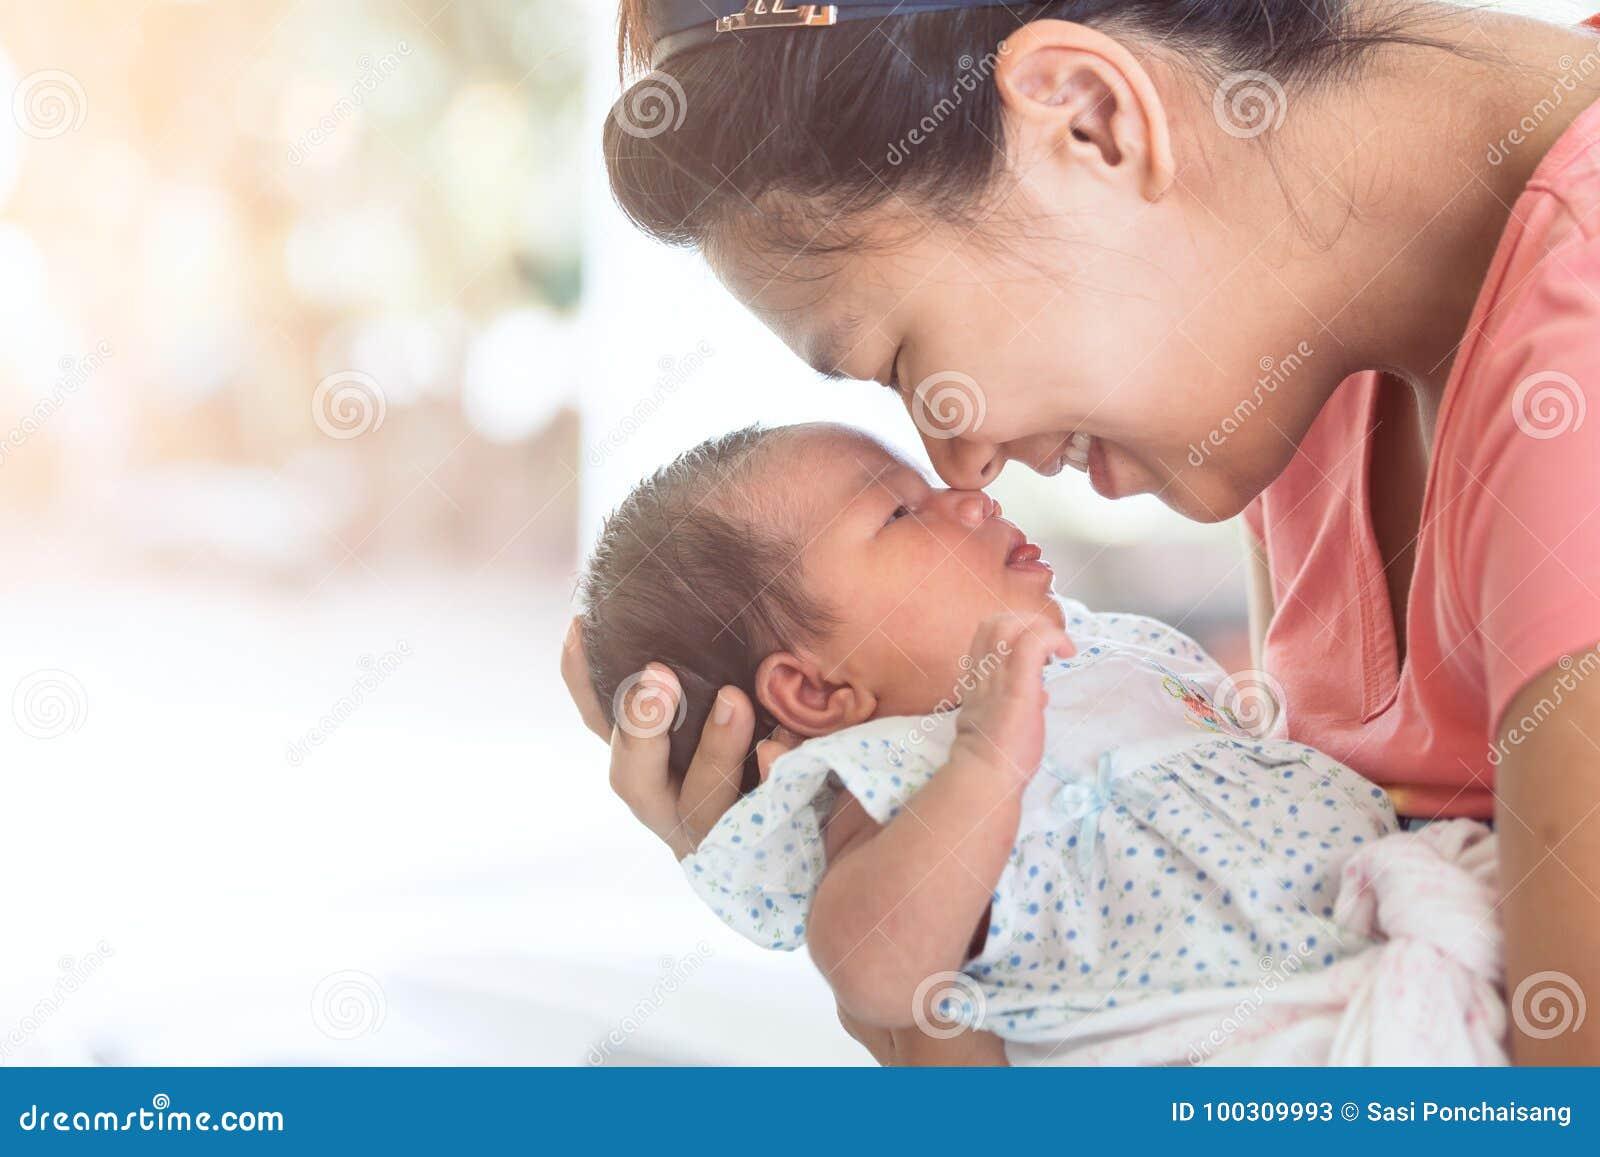 Kussen Voor Baby : Airvent hellend kussen en ledikantverkleiner babystuf